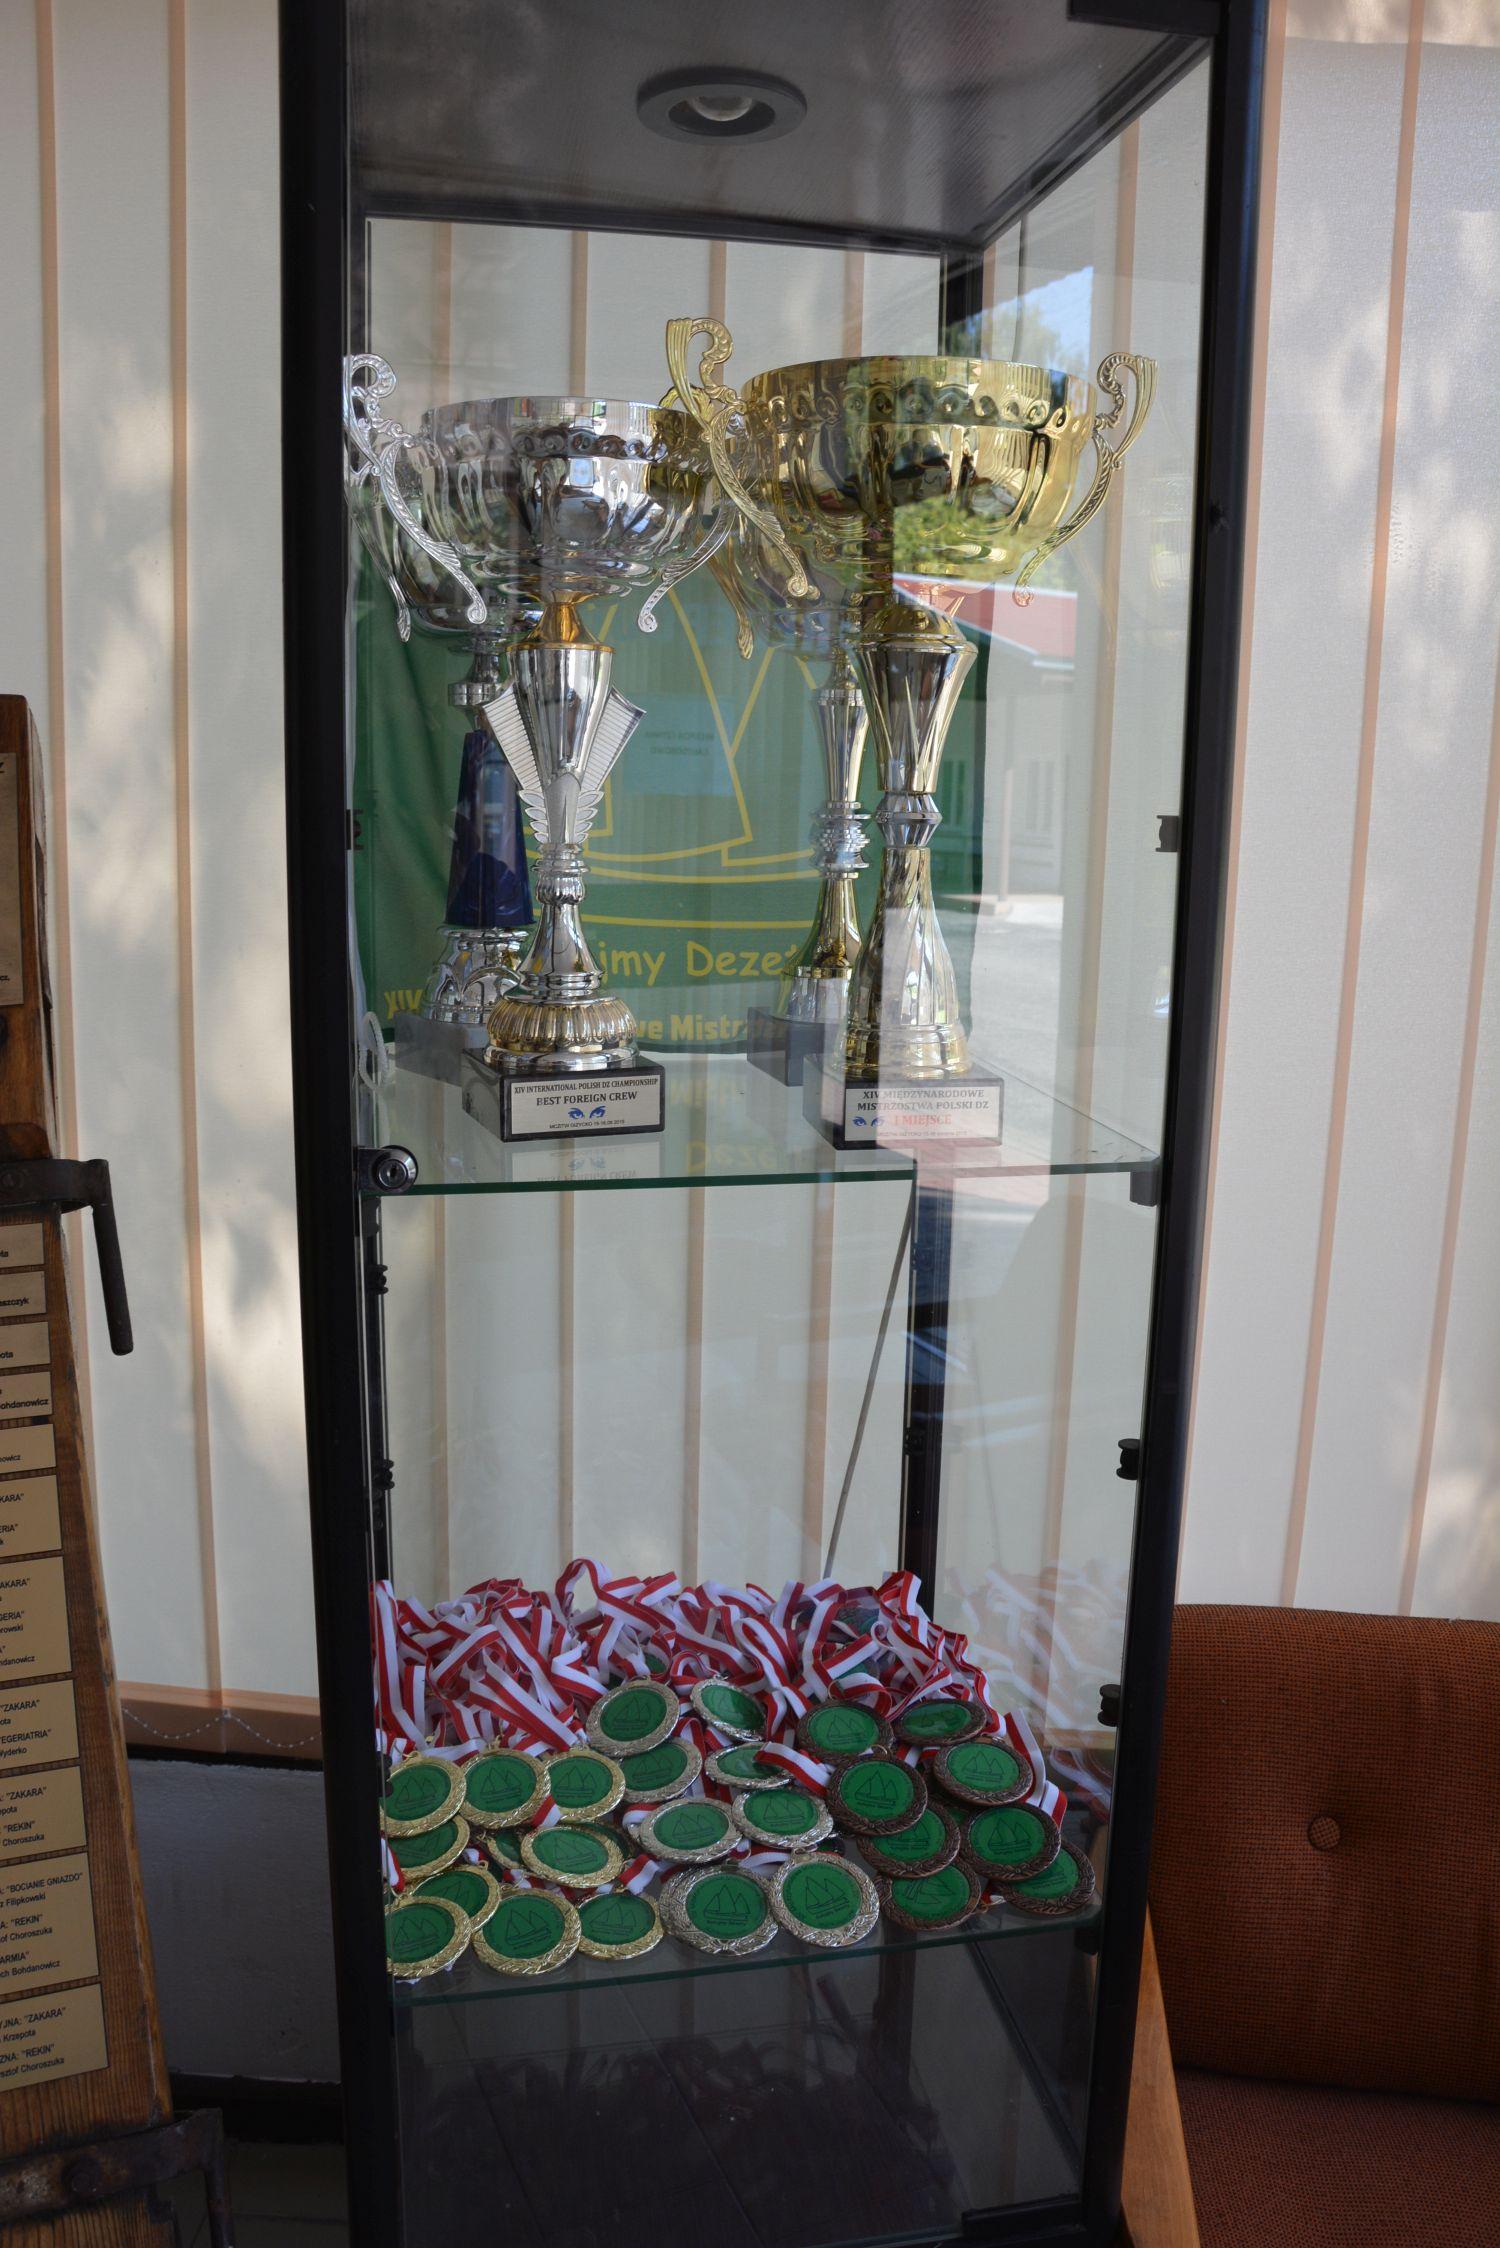 Przeglądasz zdjęcia w artykule: Ratujmy Dezety. XVI Międzynarodowe Mistrzostwa Polski DZ